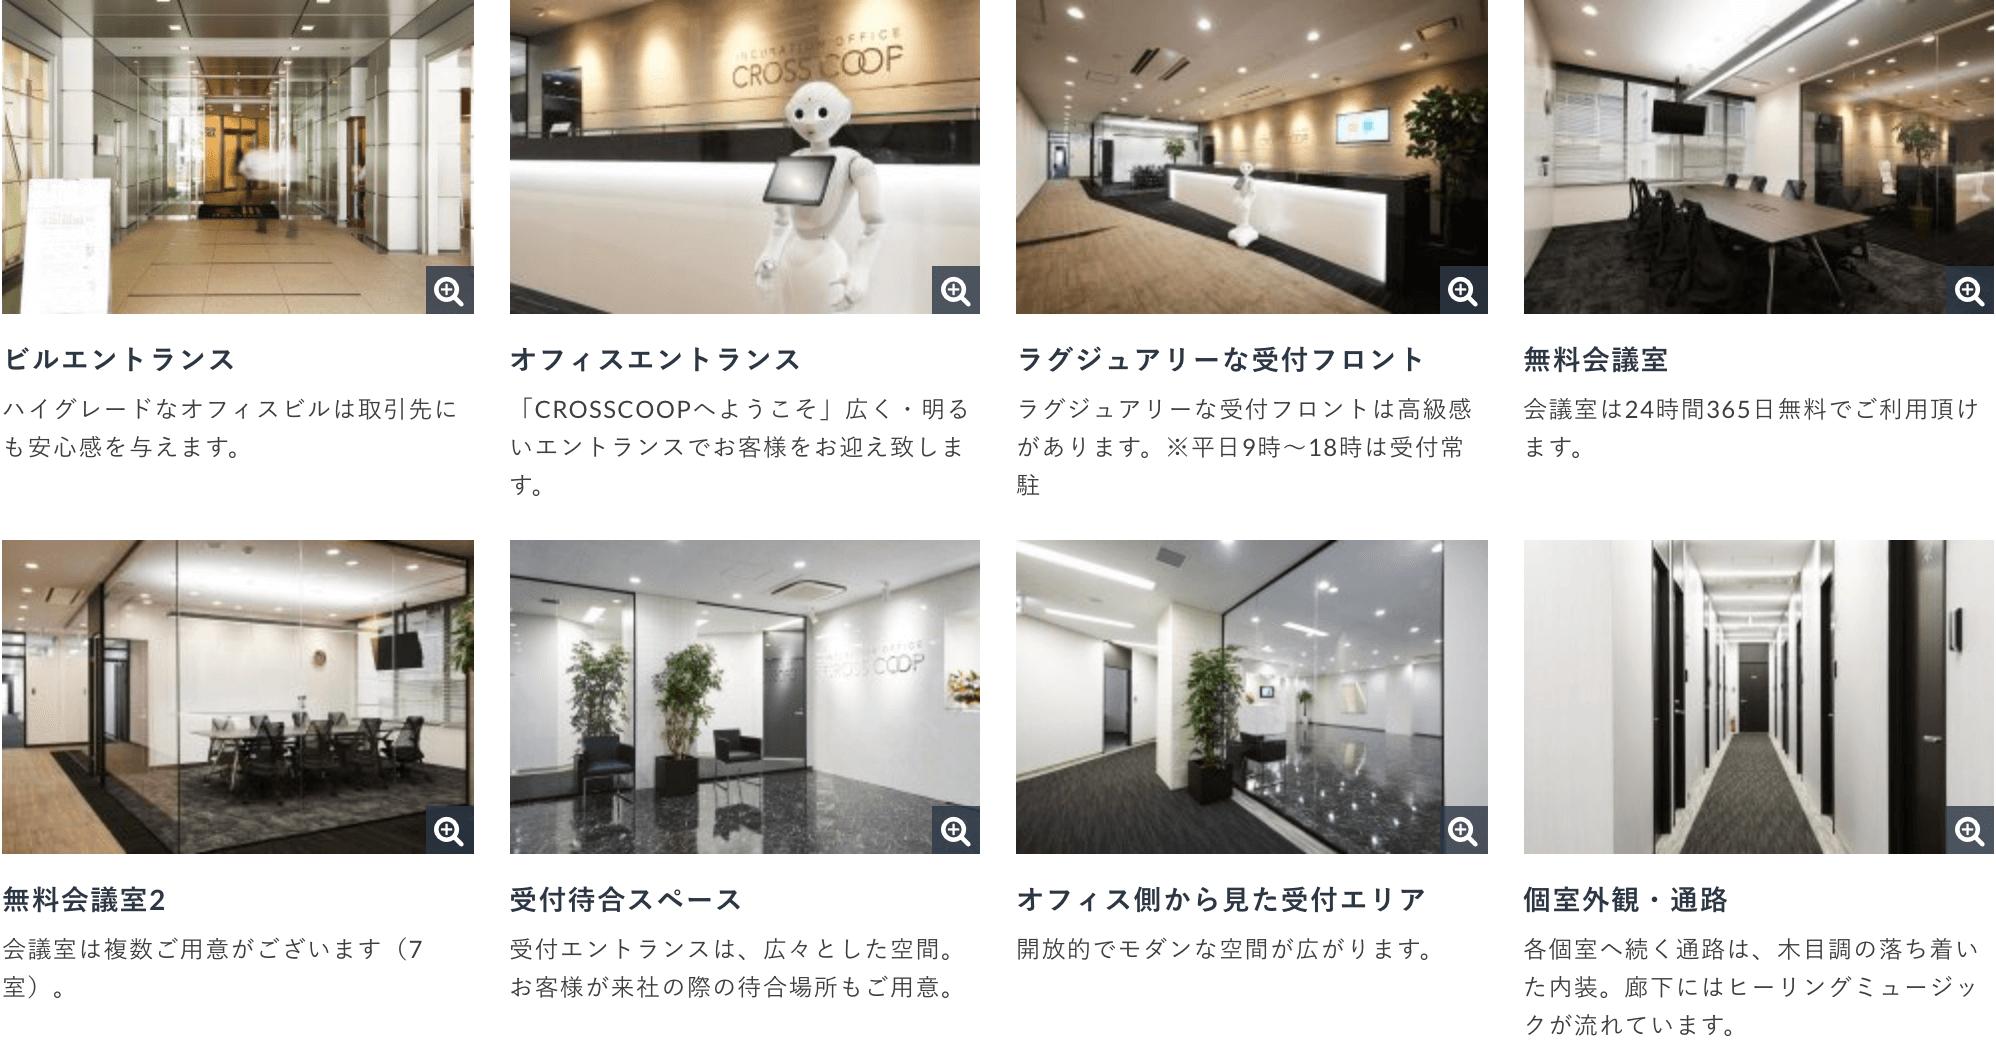 CROSSCOOP新宿(クロスコープシンジュク)